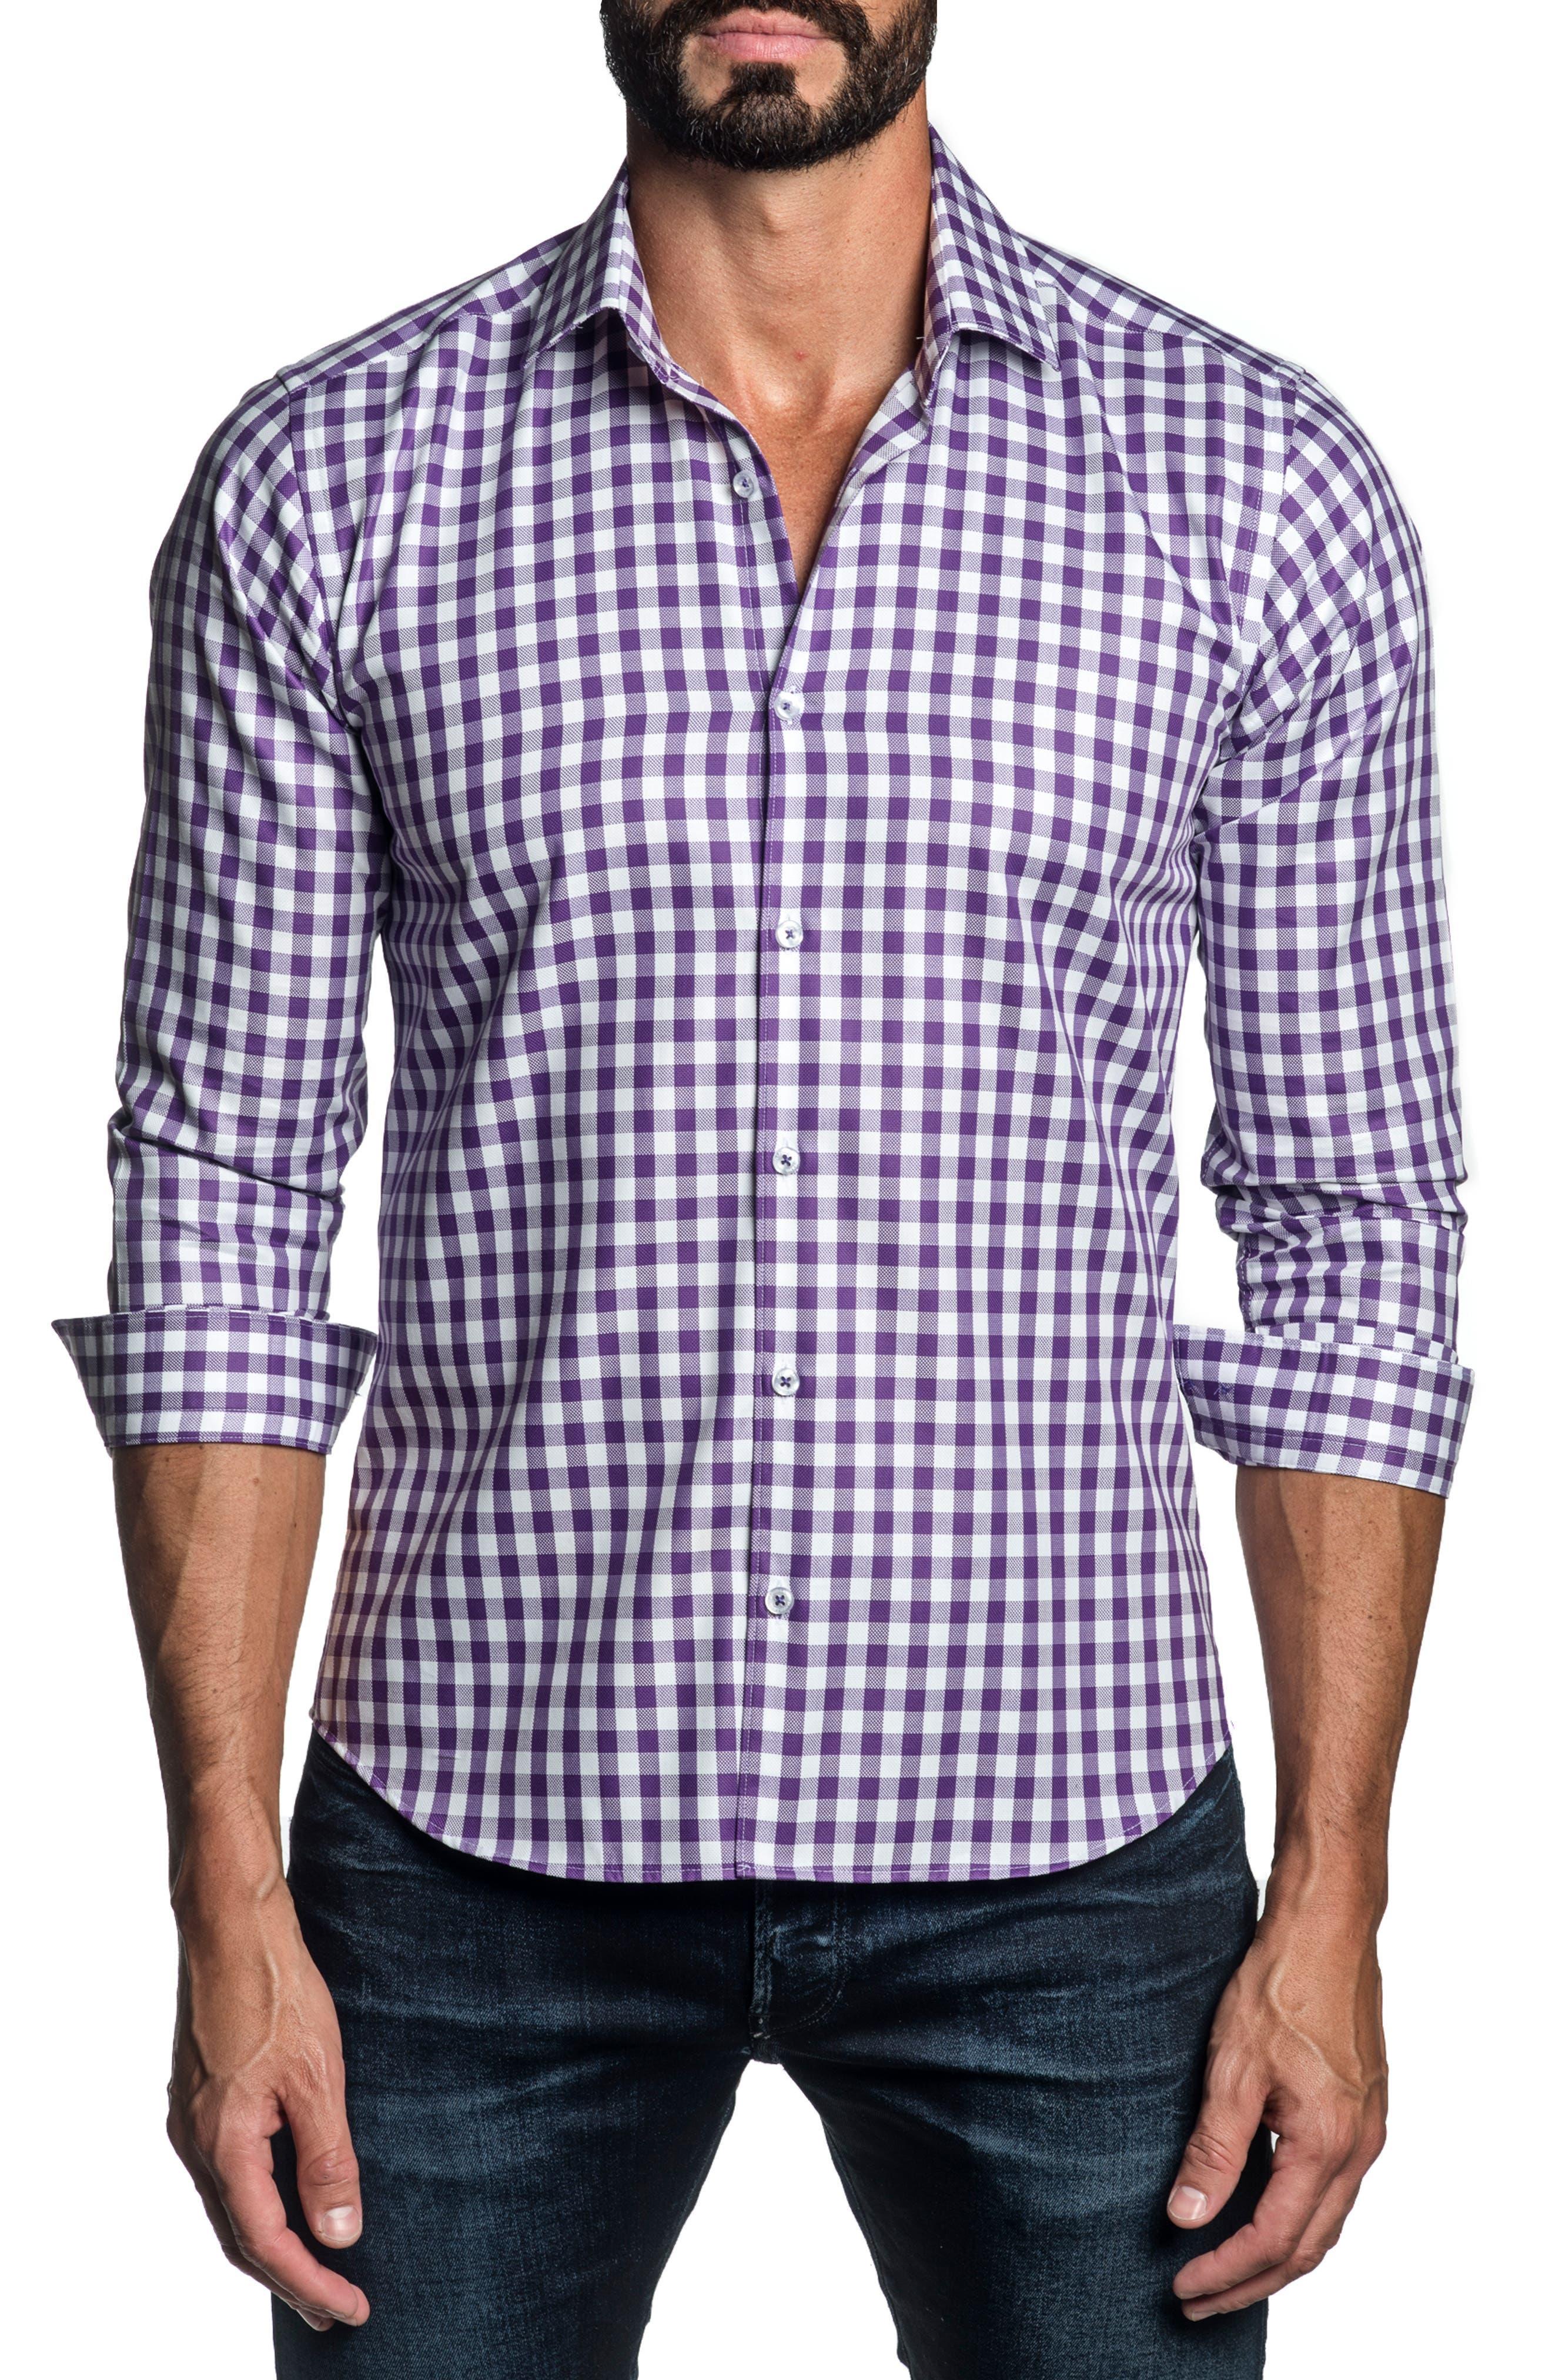 Regular Fit Check Button-Up Shirt